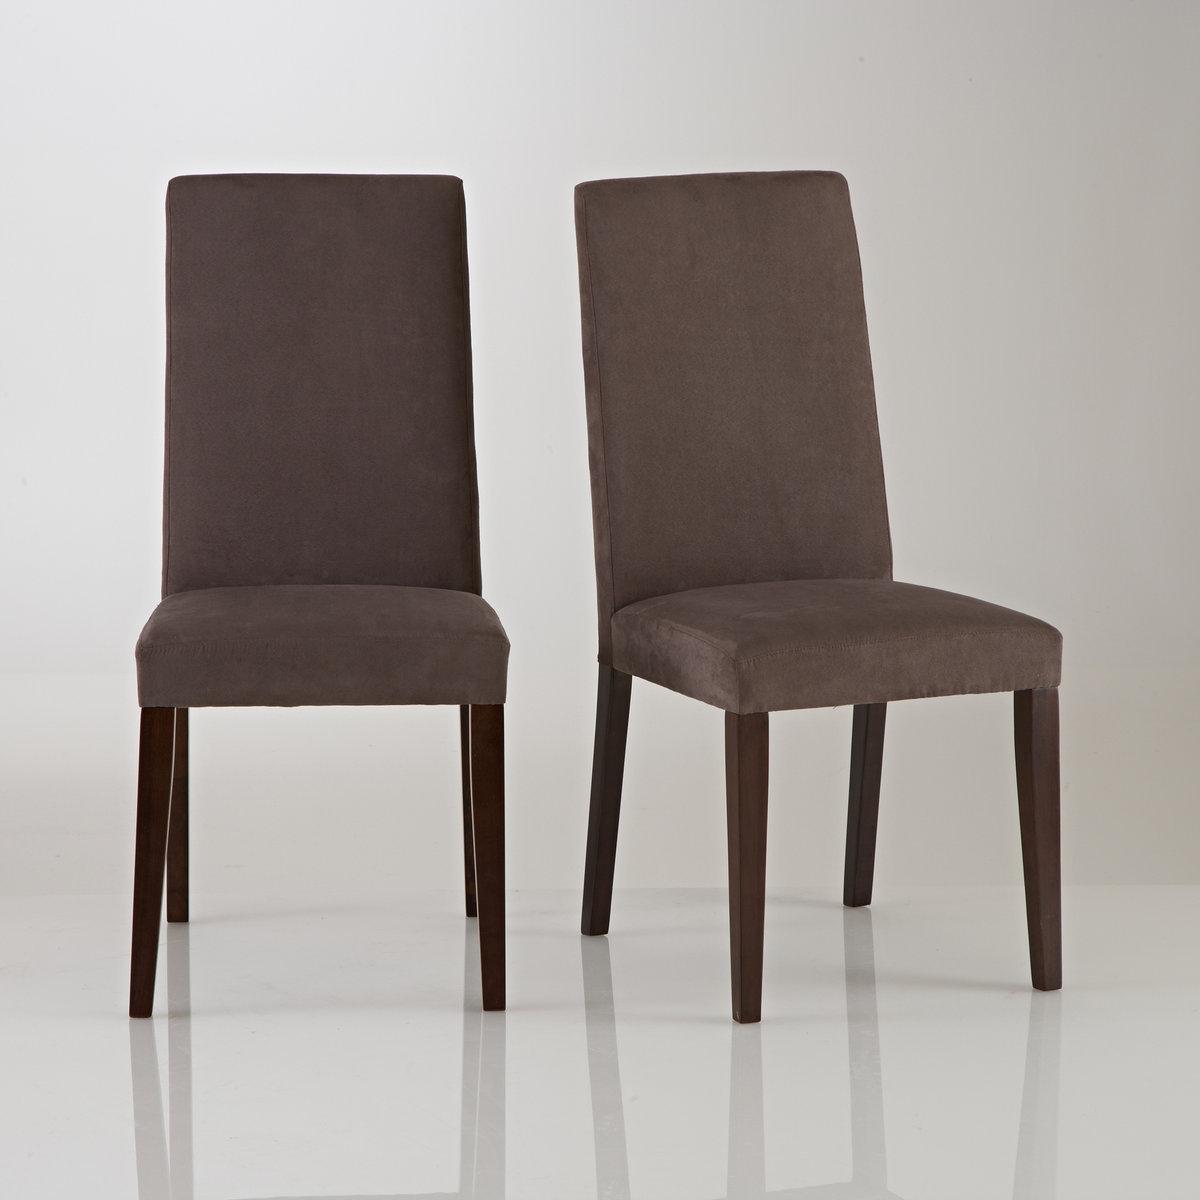 2 стула из микрофибры, Hartford2 стула Hartford, обивка из микрофибры : мягкая сверкающая обивка, утонченные линии в скандинавском стиле, мебель со своим характером. 3 цвета, подходящие для модного предмета декора.  Описание 2 стульев Hartford :Прямая спинка.Подвеска с помощью ремней для оптимального комфорта.Стулья продаются по 2 шт одного цвета.Характеристики 2 стульев Hartford :Ножки из массива сосны, покрытие морилкой.- Отделка лаком (полиуретановым).Обивка сиденья из замшевой микрофибры100% полиэстер . Наполнитель сиденья из пеноматериала плотностью 30 кг/м?.Откройте для себя другие стулья и коллекцию Hartford на сайте laredoute.ru.                                             Размеры стульев Hartford :Общие размеры Ширина : 44 см.Высота : 96 см.Глубина : 50 см.Сиденье 44 x 48 x 44 см         Размеры и вес упаковки :1 упаковка 98,5 x 29,5 x 42,5 см 14 кг.                                            Доставка :2 стула Hartford продаются с отвинченными ножками .   Возможна доставка до квартиры по предварительной договоренности! Внимание! Убедитесь, что доставка товара возможна в связи с его габаритами .<br><br>Цвет: темно-коричневый